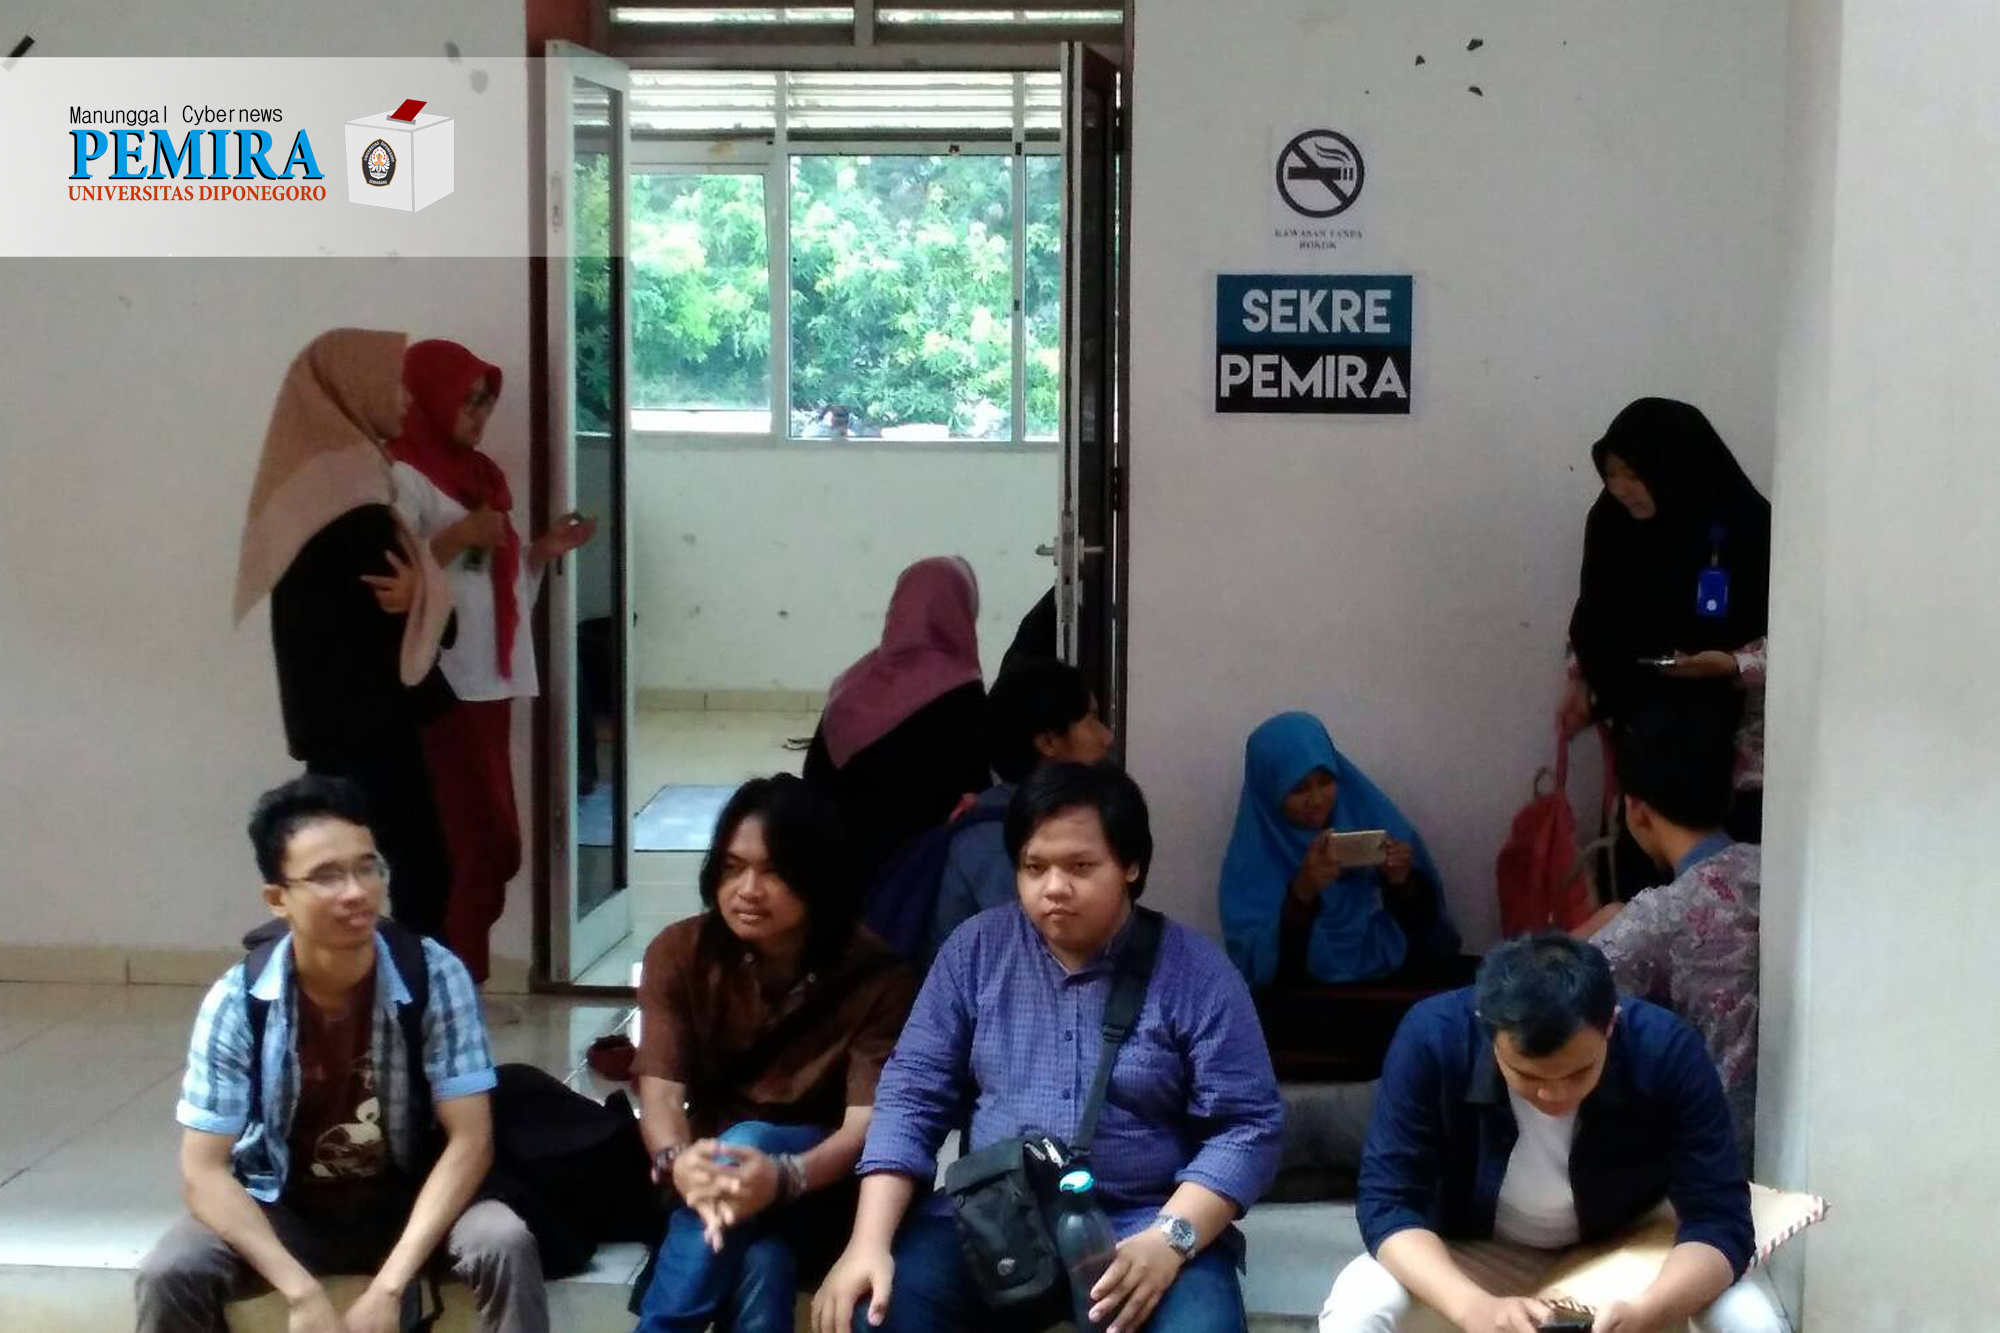 Keadaan Sekretariat Pemira Undip menjelang penutupan pendaftaran pada Rabu (25/10). (Jazaak/Manunggal)